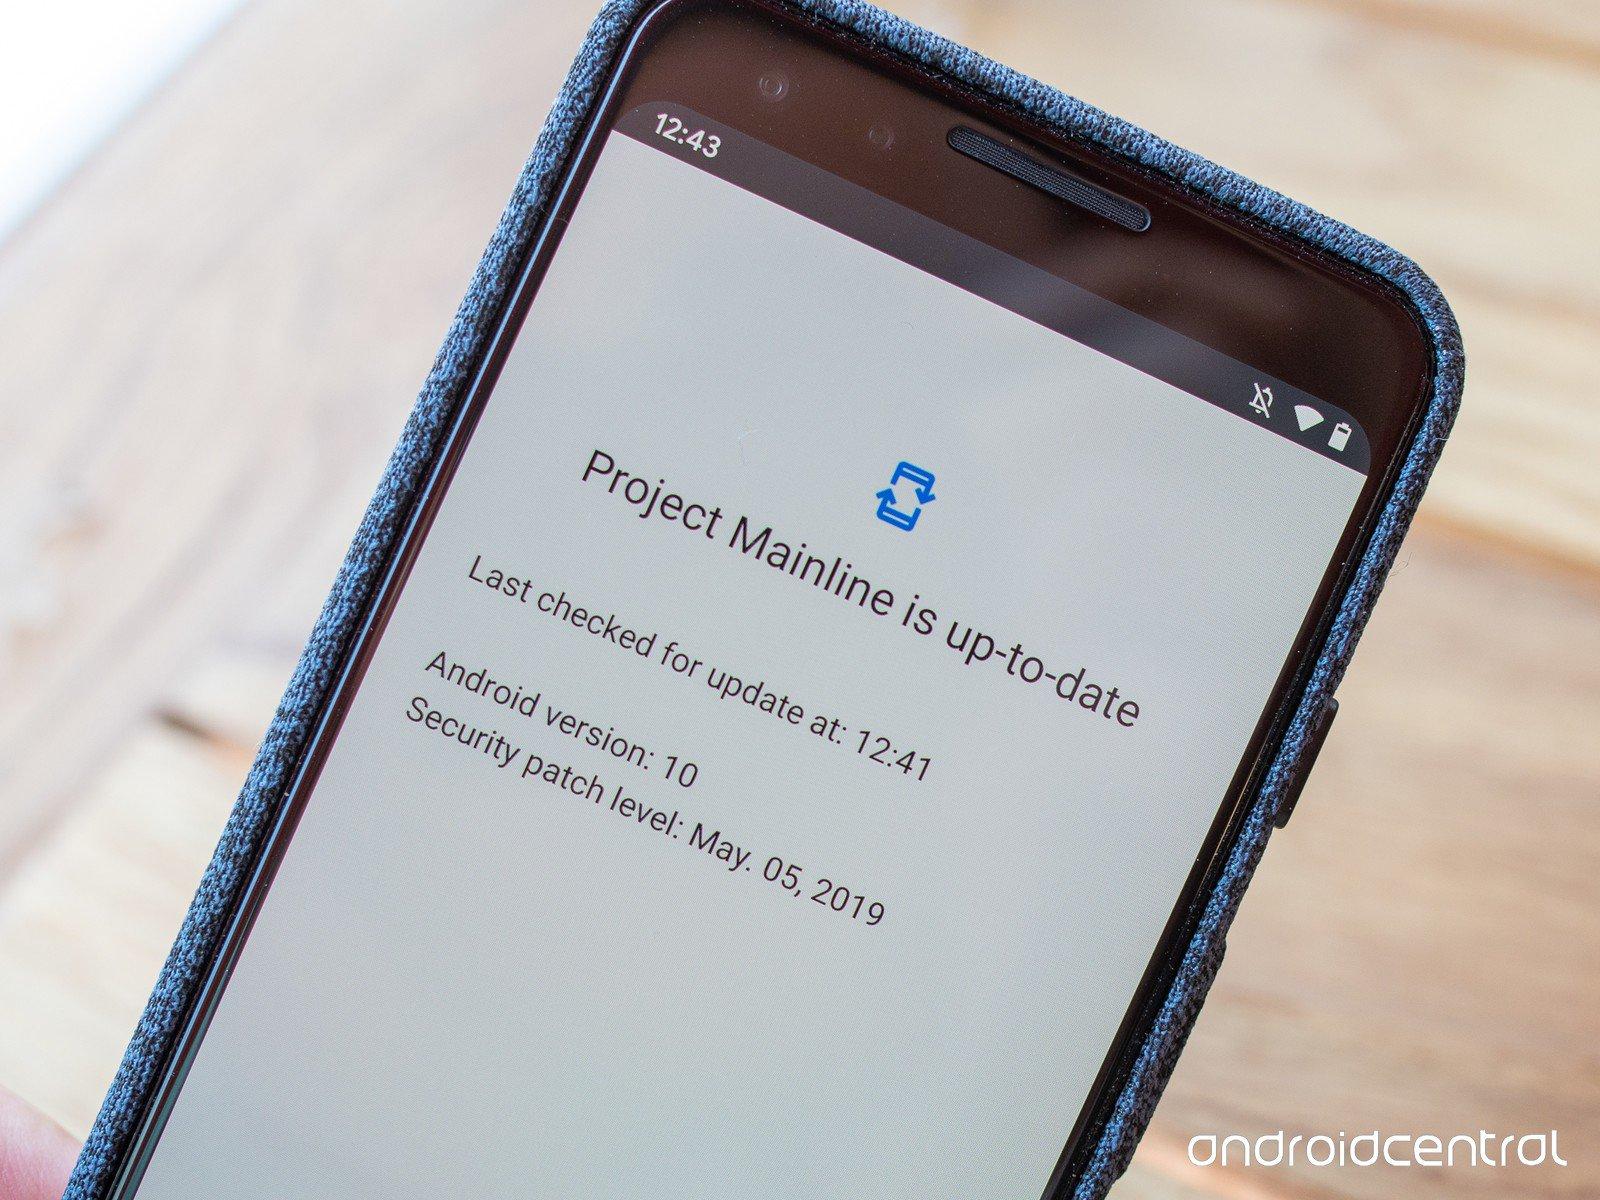 Project Mainline cho Android là gì? Và cách hoạt động của nó như thế nào?